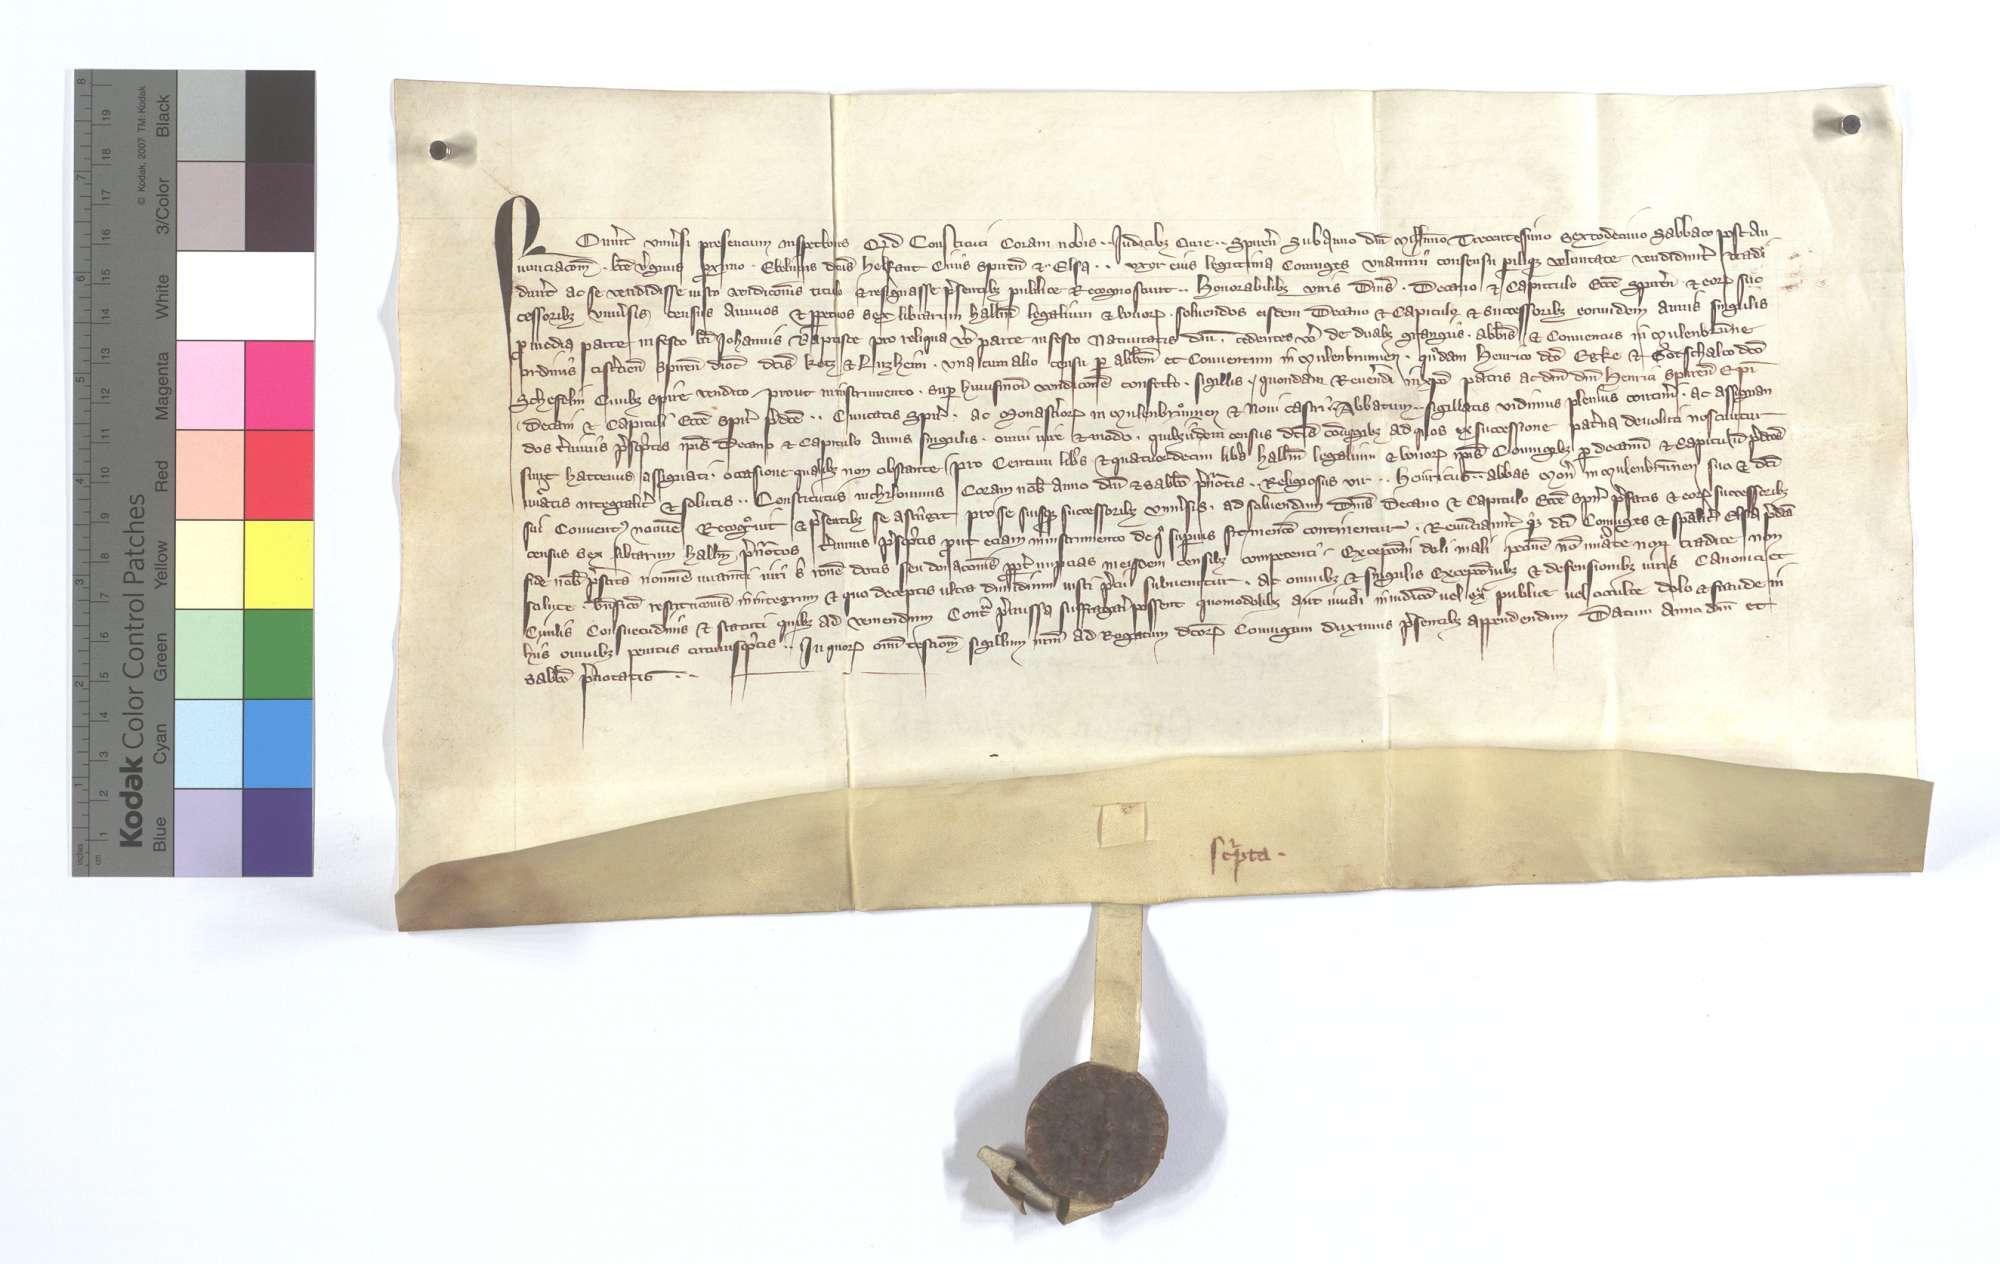 Der Speyerer Bürger Ebelin Helfant und seine Frau verkaufen dem Domstift in Speyer einen jährlichen Zins von 6 Pfund Heller aus den zwei Höfen des Klosters Maulbronn in Ketsch und Lußheim., Text